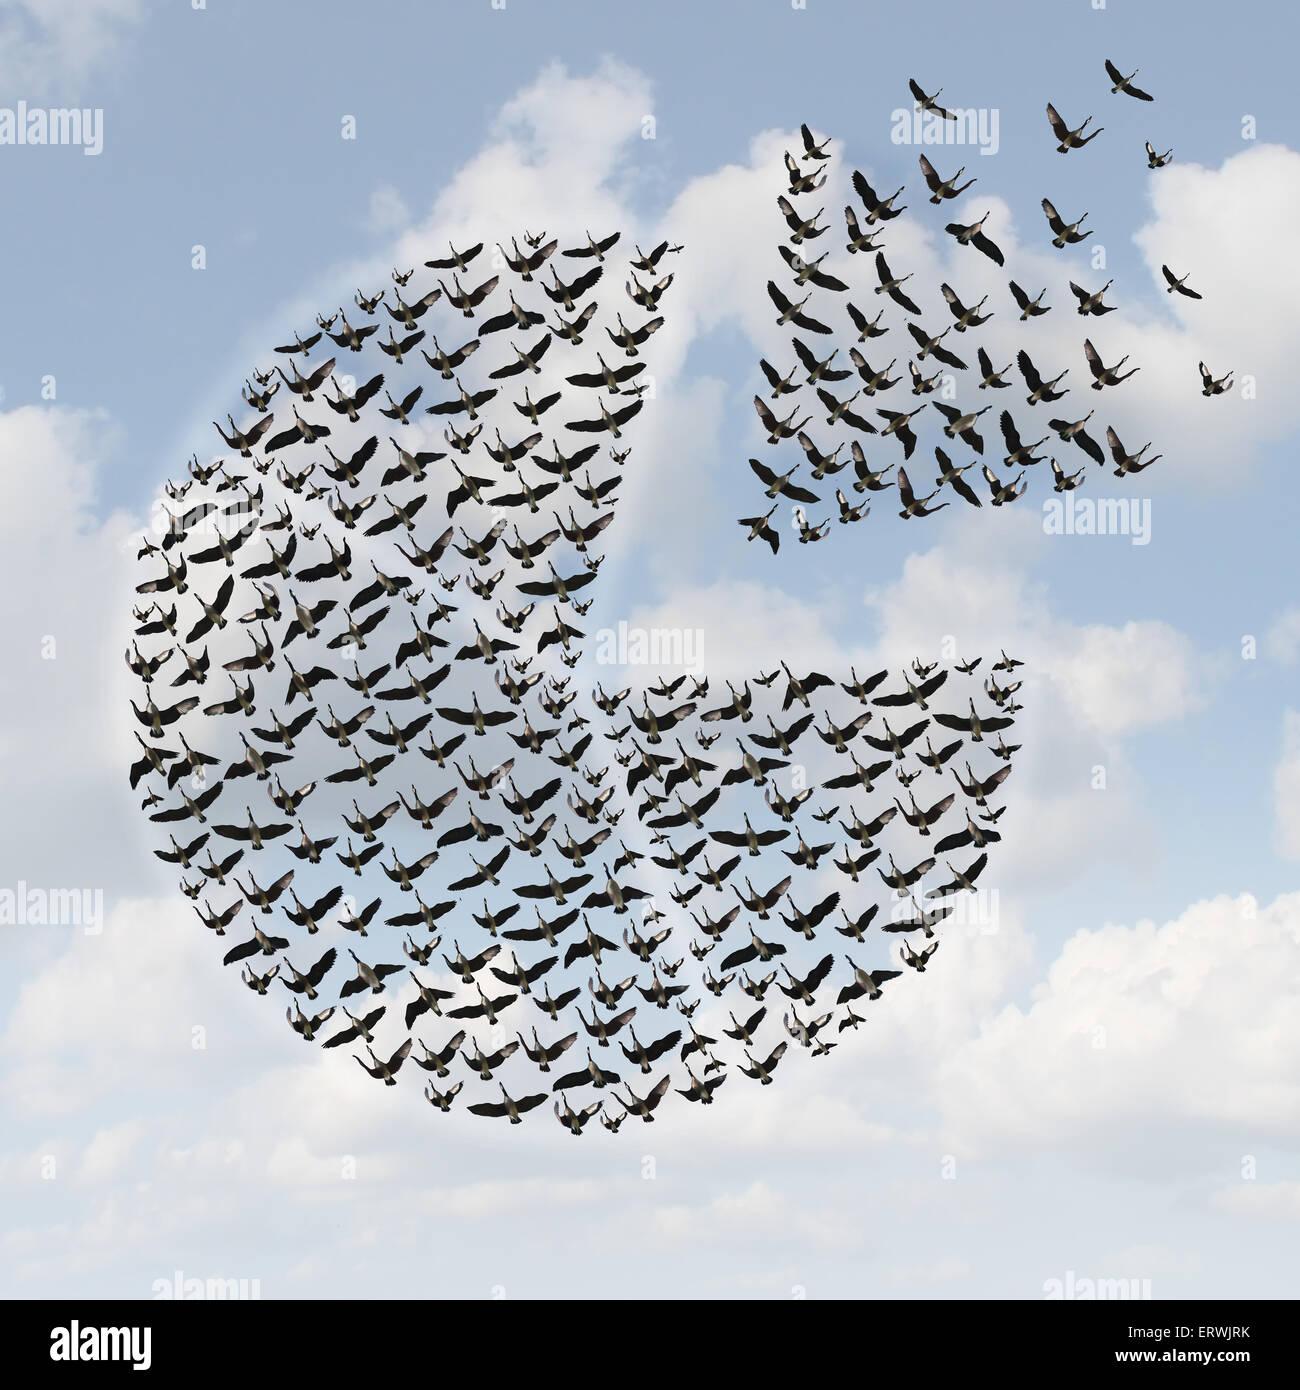 Finanzielle Kreisdiagramm Geschäftskonzept als eine Gruppe von fliegenden Vögel oder Gänse in einer Stockbild